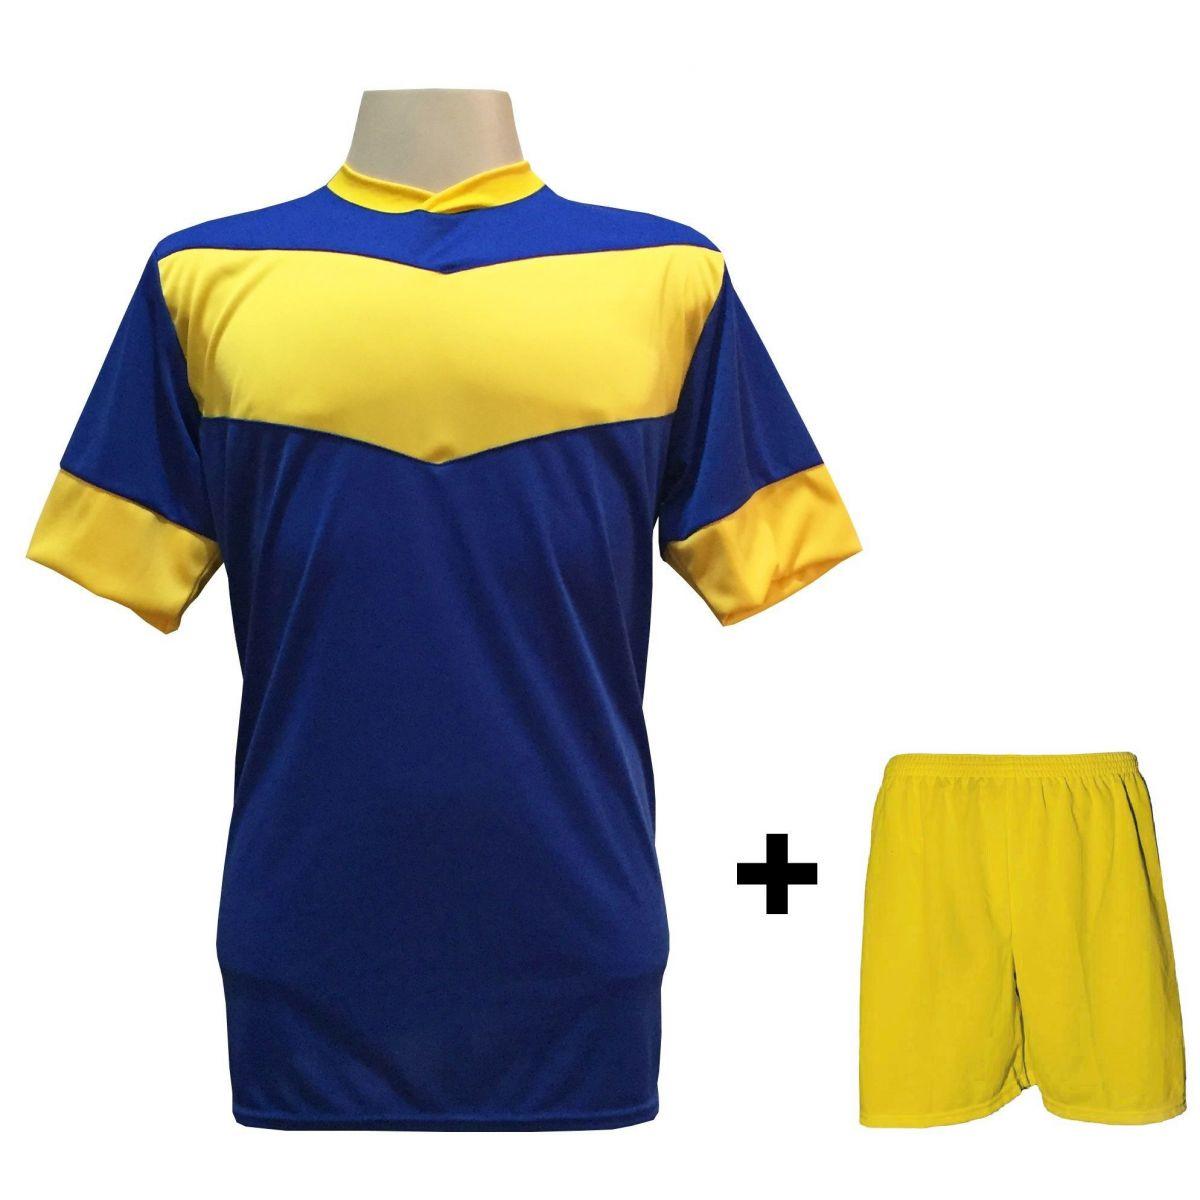 1fa784164 Uniforme Esportivo com 18 camisas modelo Columbus Royal/Amarelo + 18  calções modelo Madrid Amarelo ...